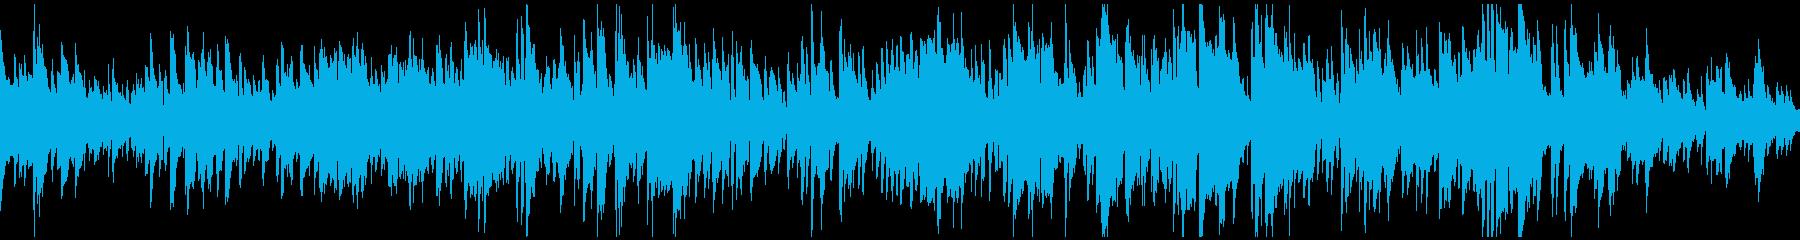 マイナー調のボサノバ・ジャズ ※ループ版の再生済みの波形